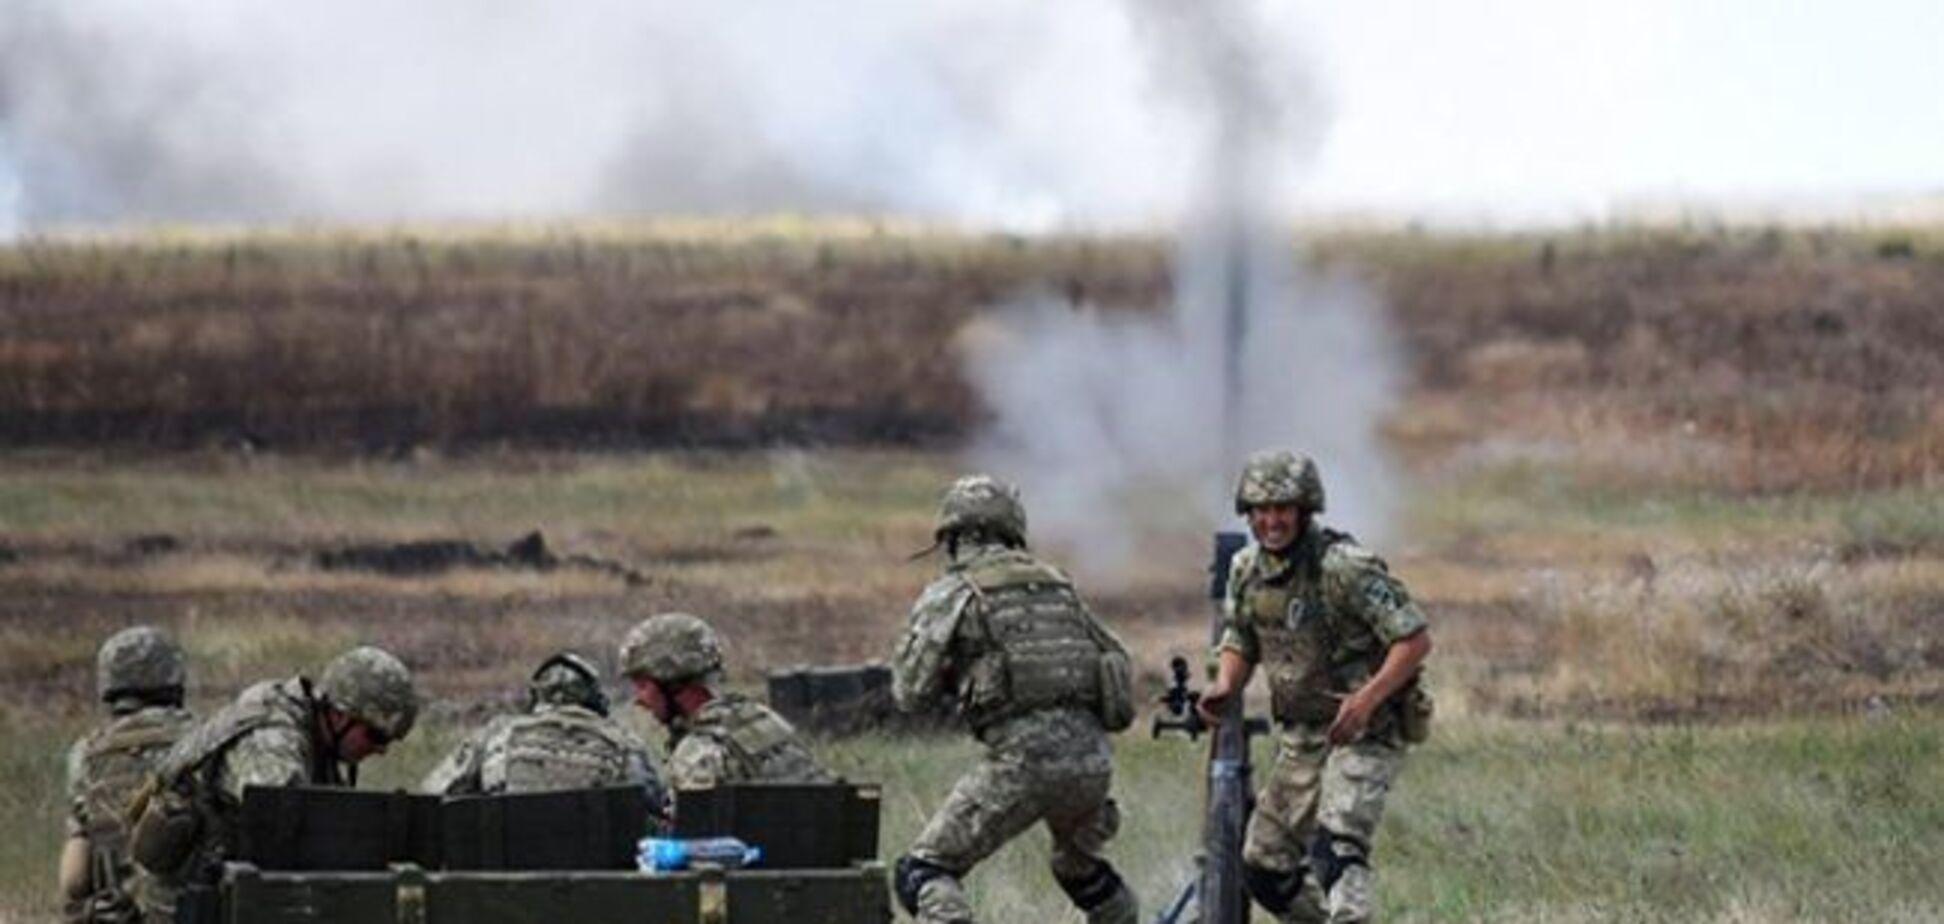 ''Піхота не сидить'': волонтер заявив про серйозне просування ЗСУ на Донбасі